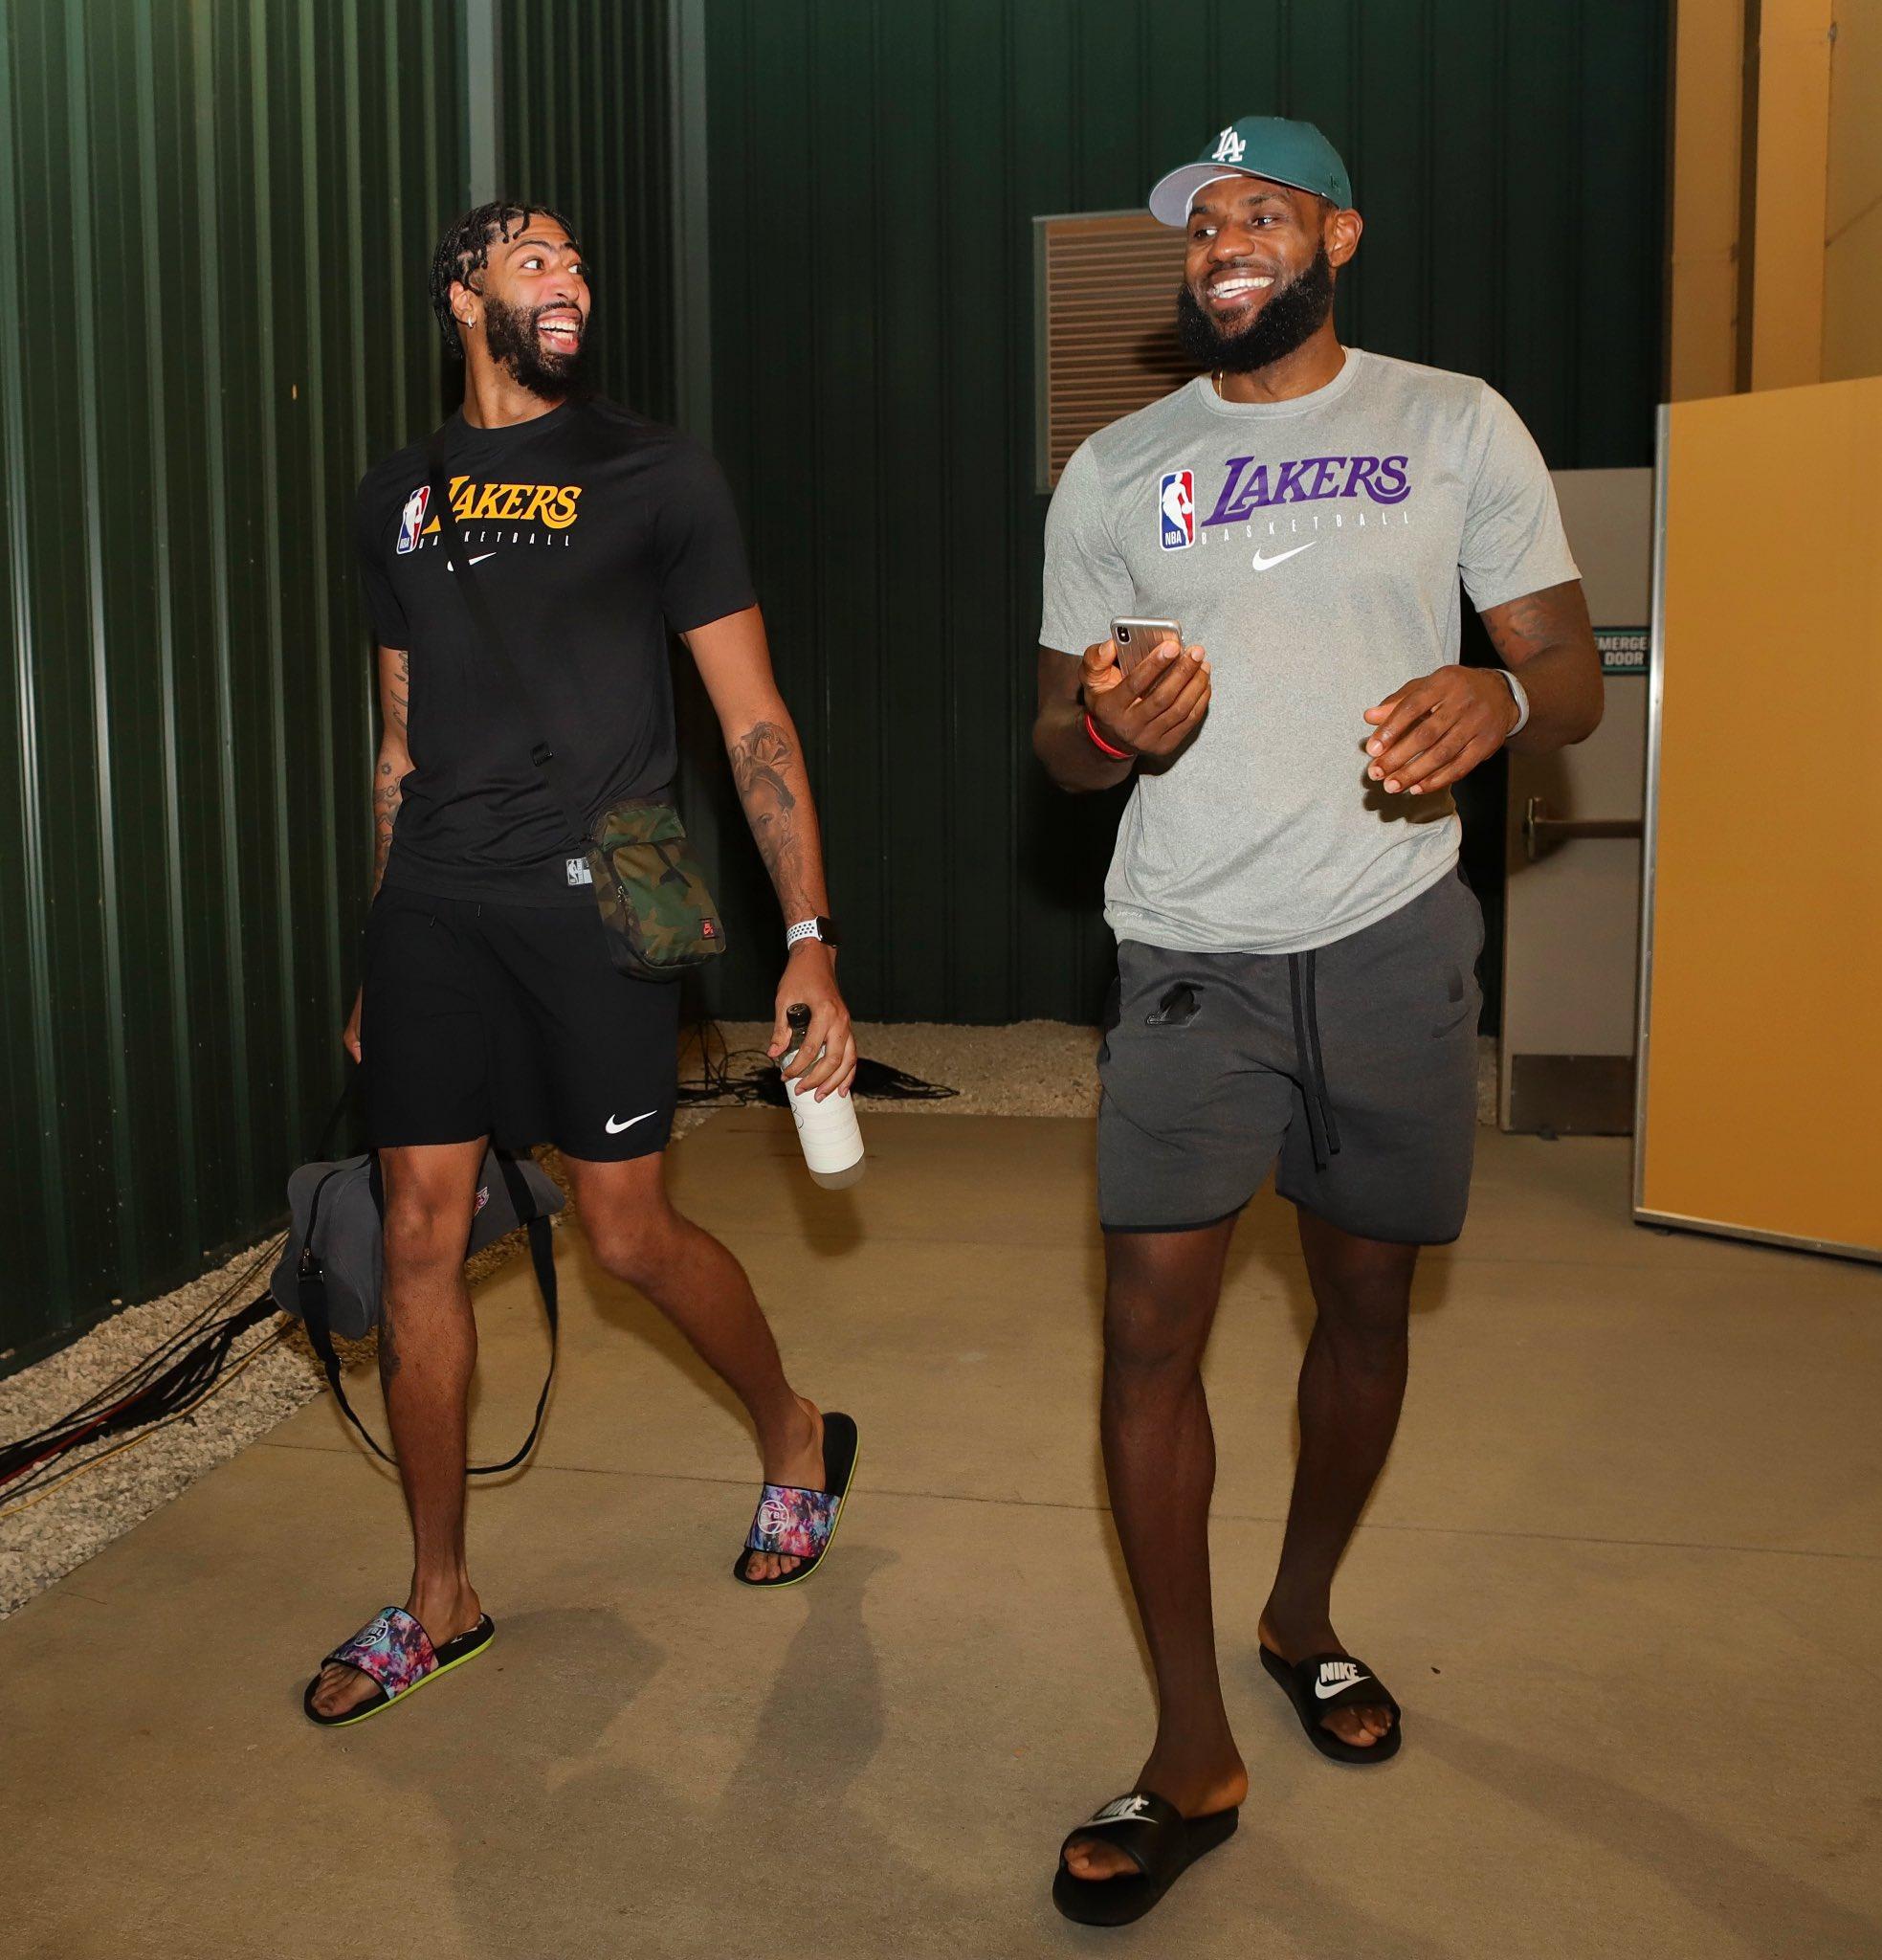 收获胜利!NBA官推发布詹姆斯戴维斯库兹马赛后离场照